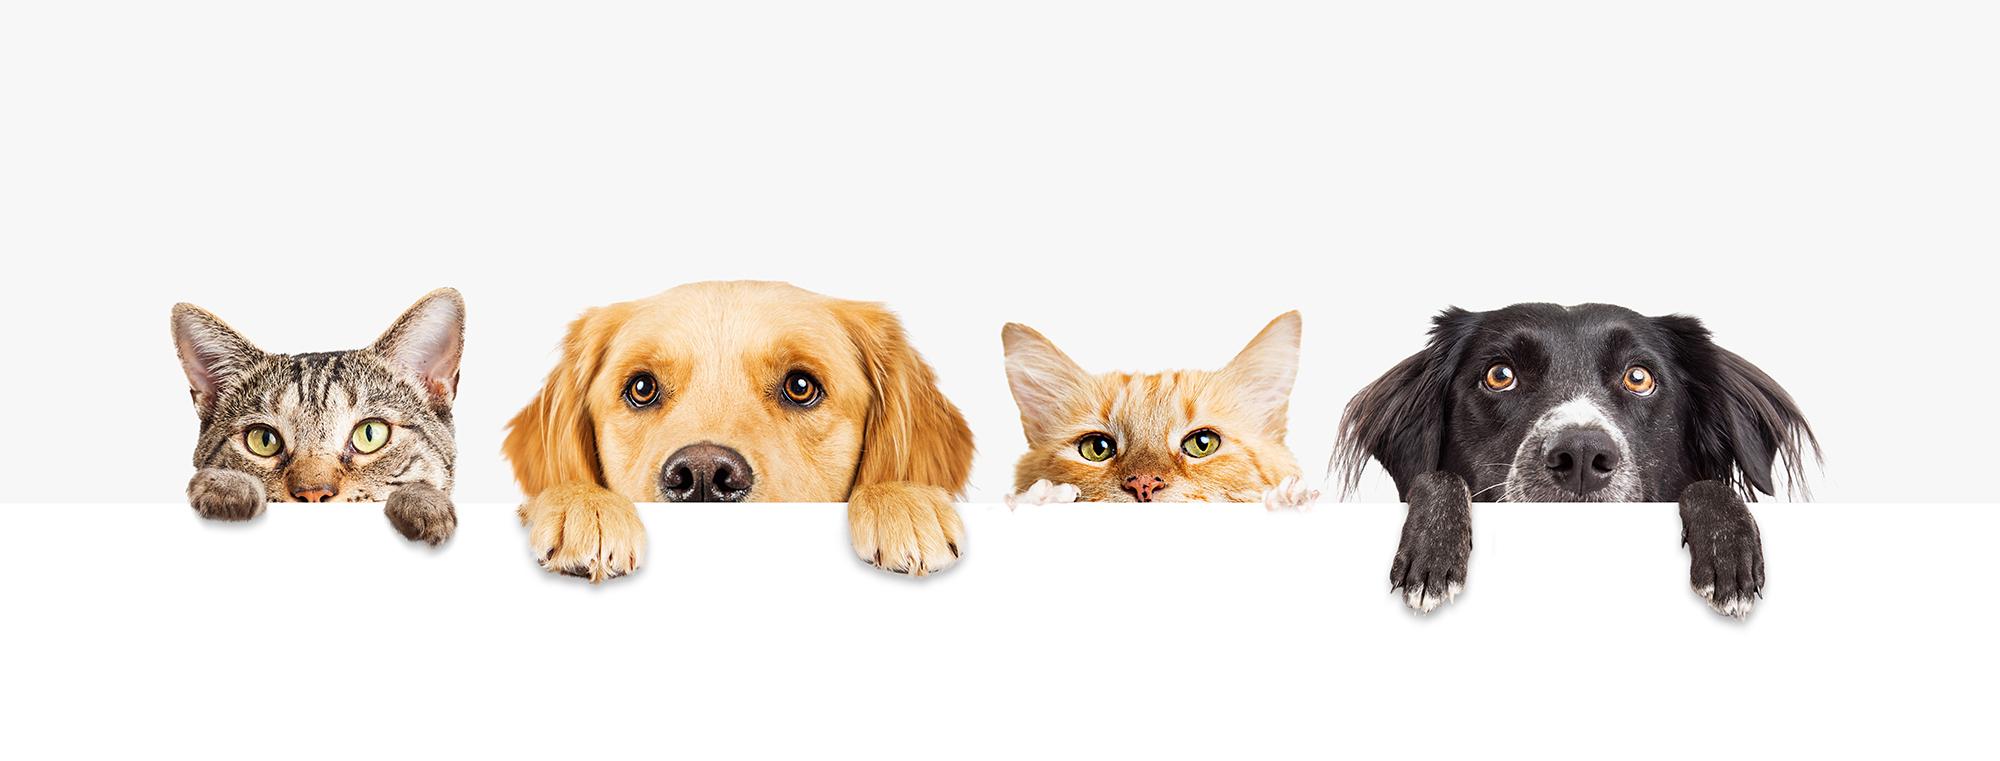 Animal Health Care at Calanna Pharmacy